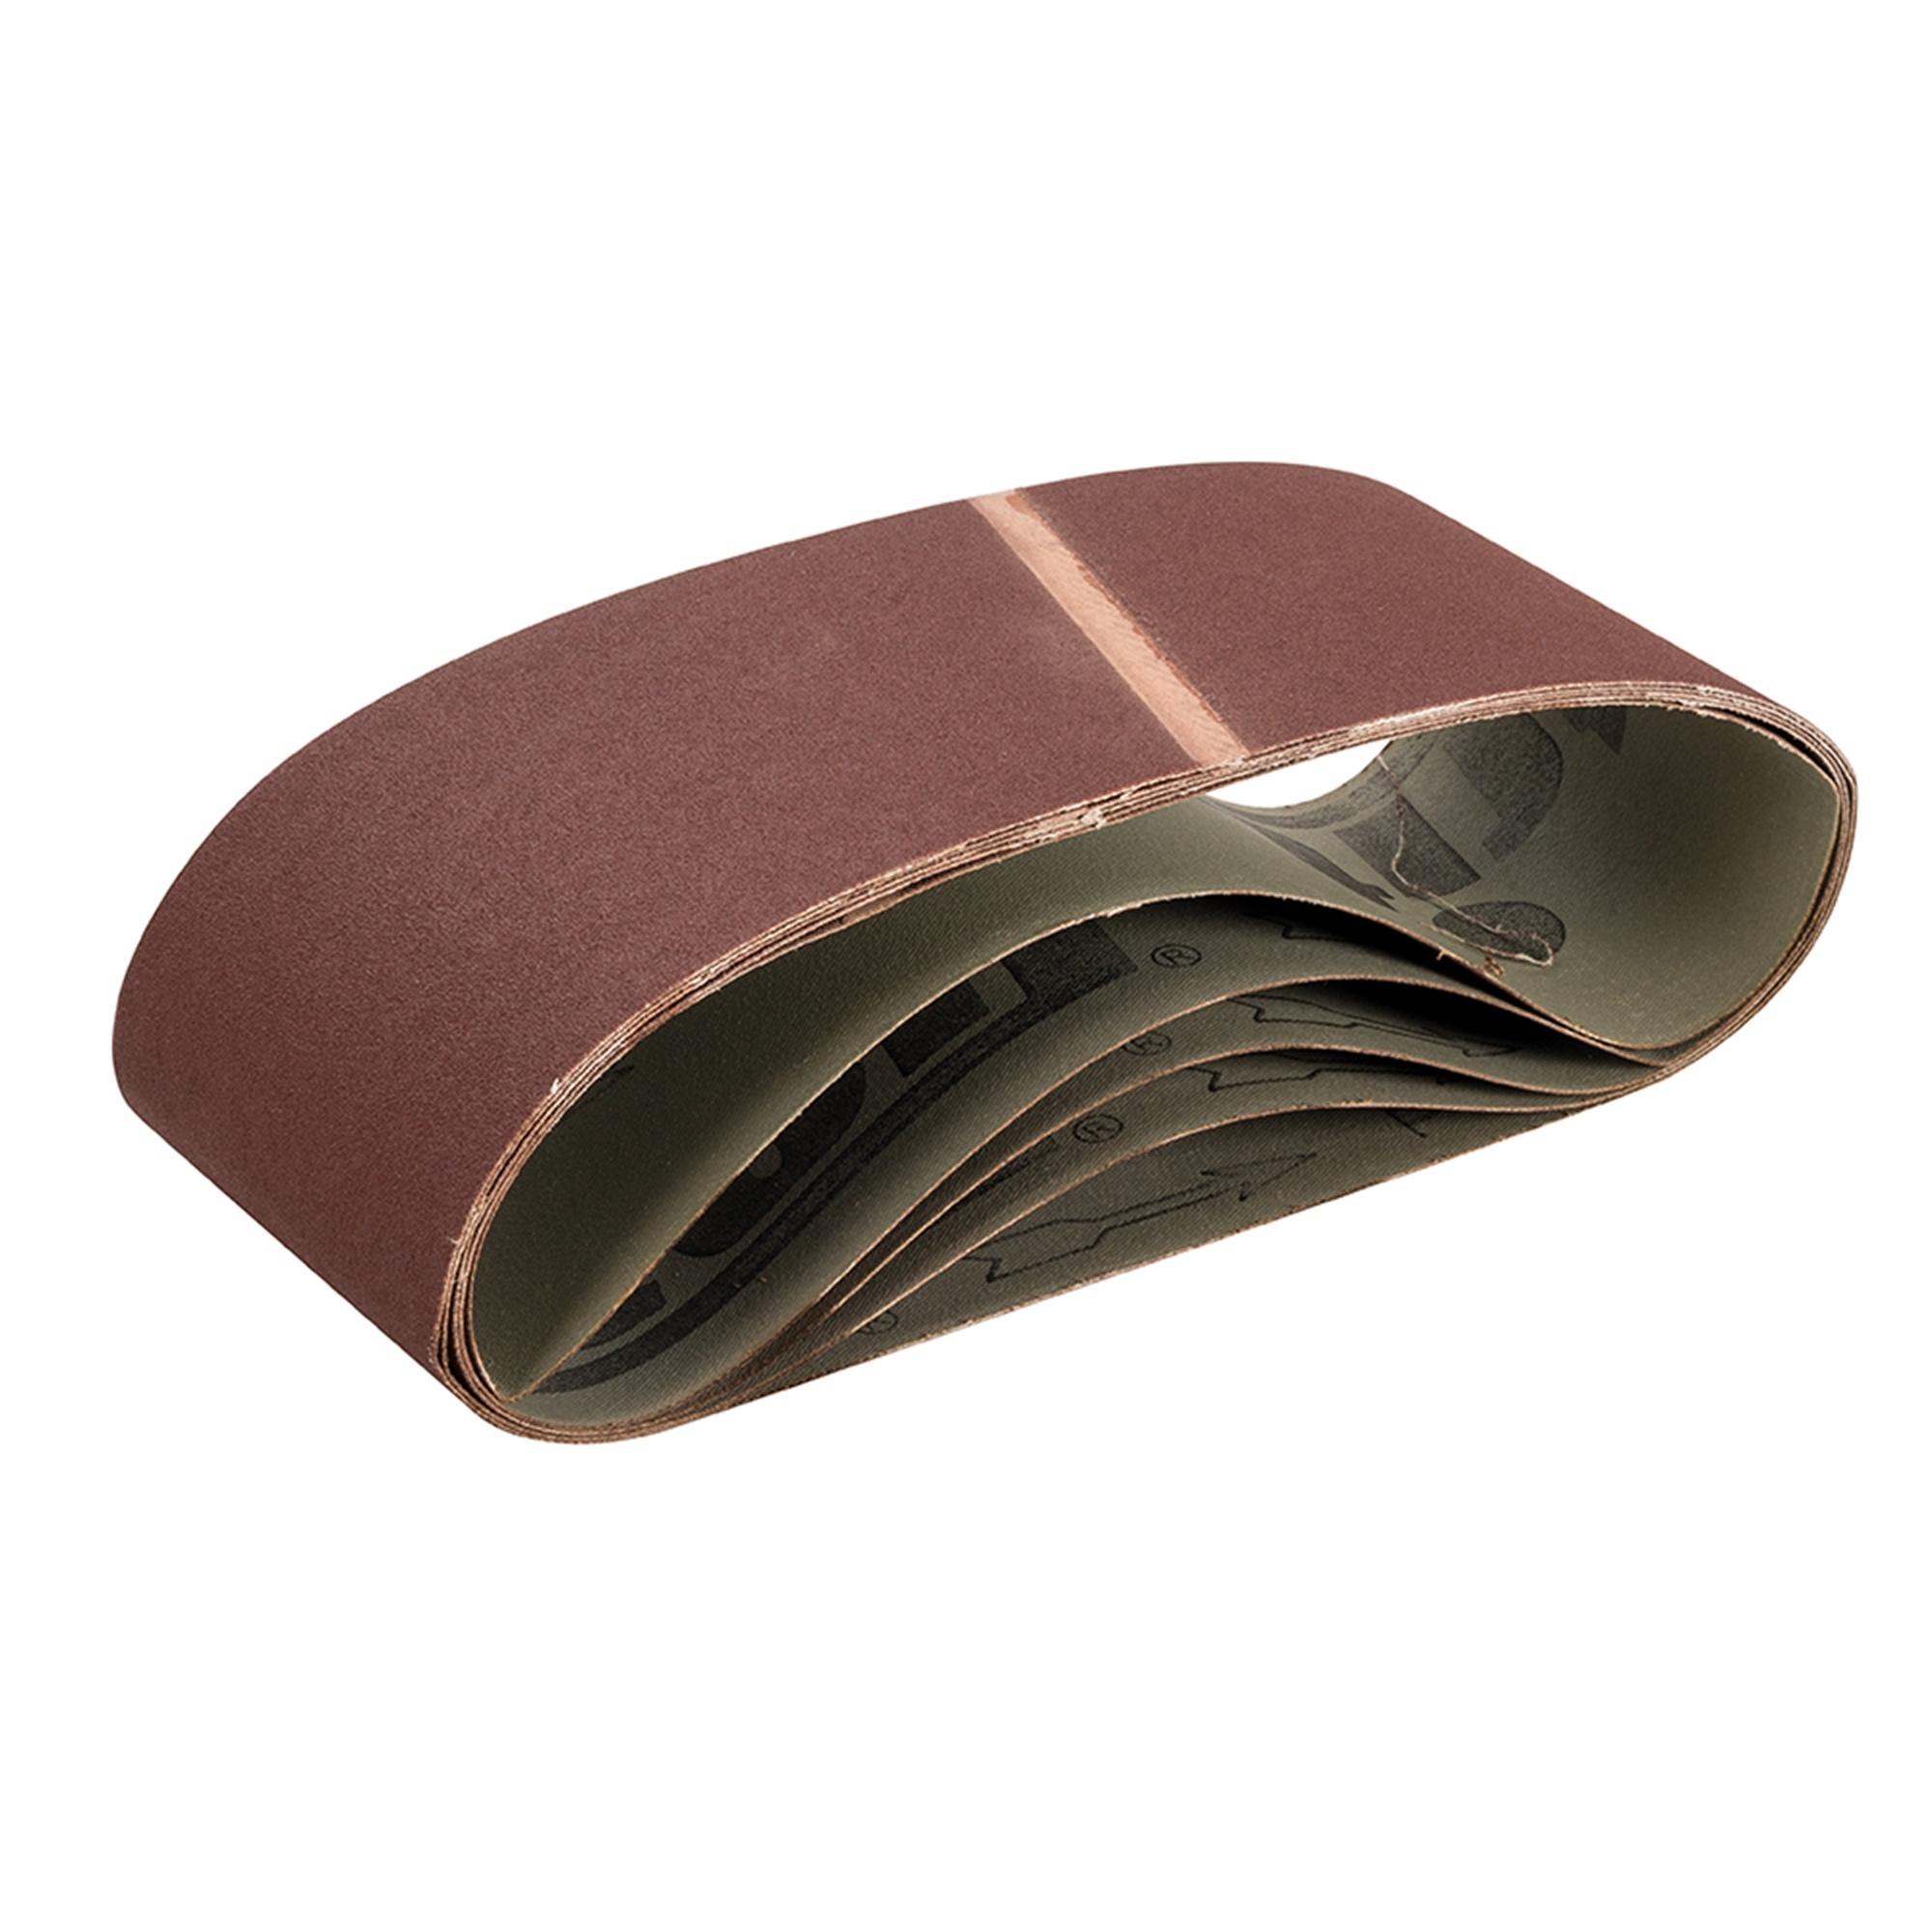 Schuurband 100 x 610 mm, 150 Korrel - 5 Stuks